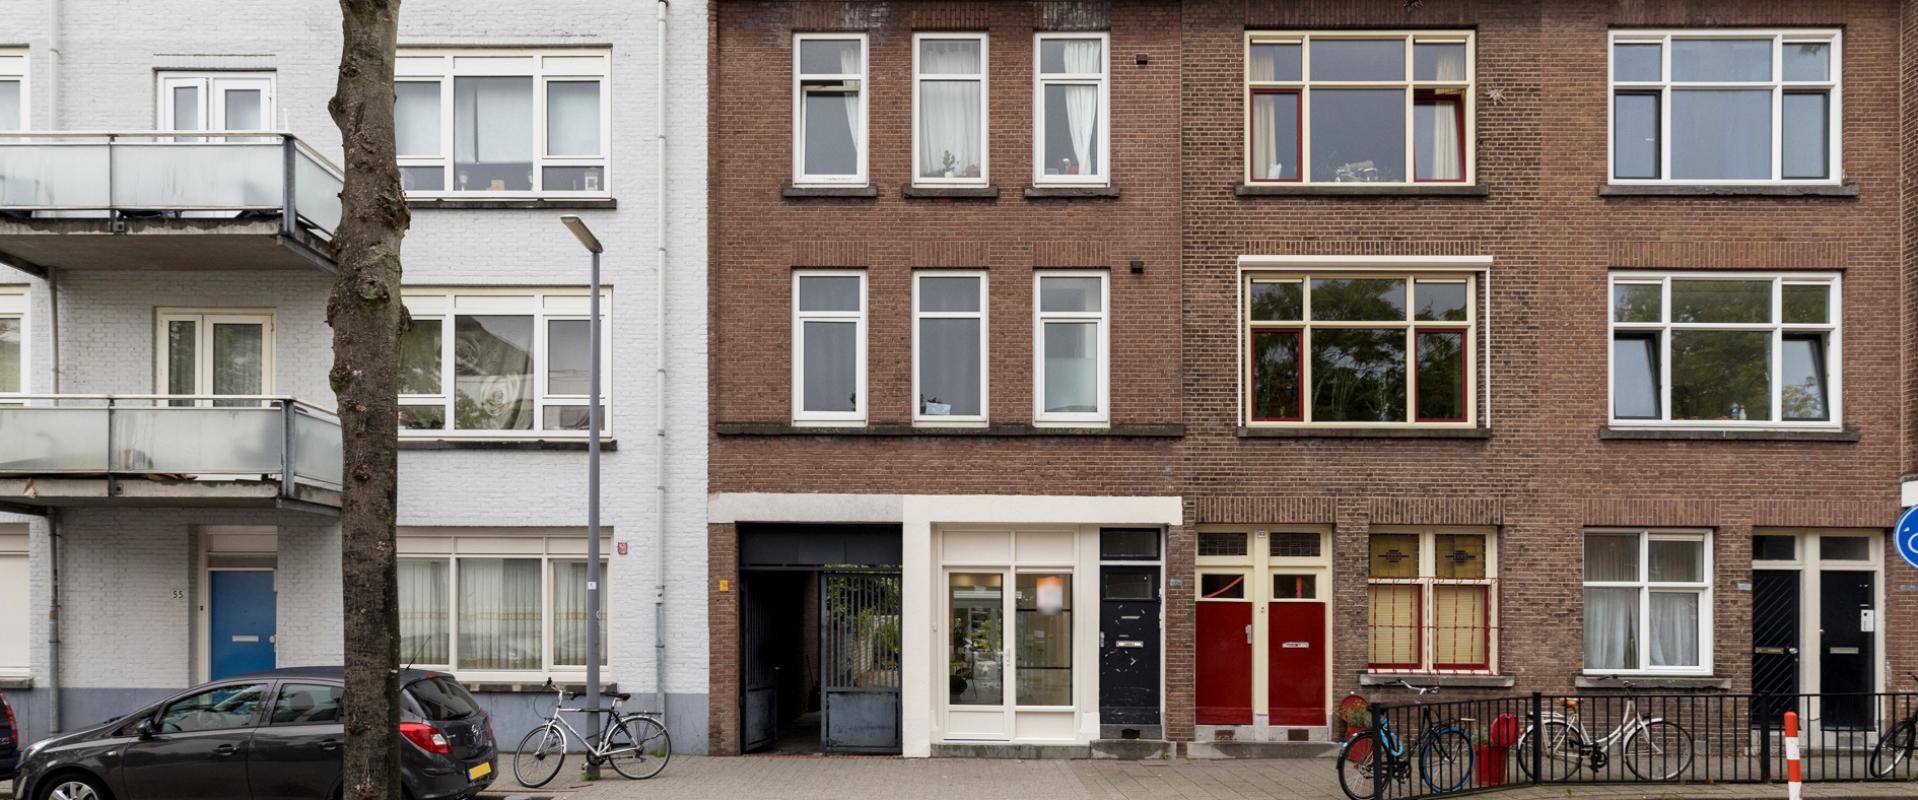 Te koop Volledig gerenoveerd 2 kamer appartement in Rotterdam